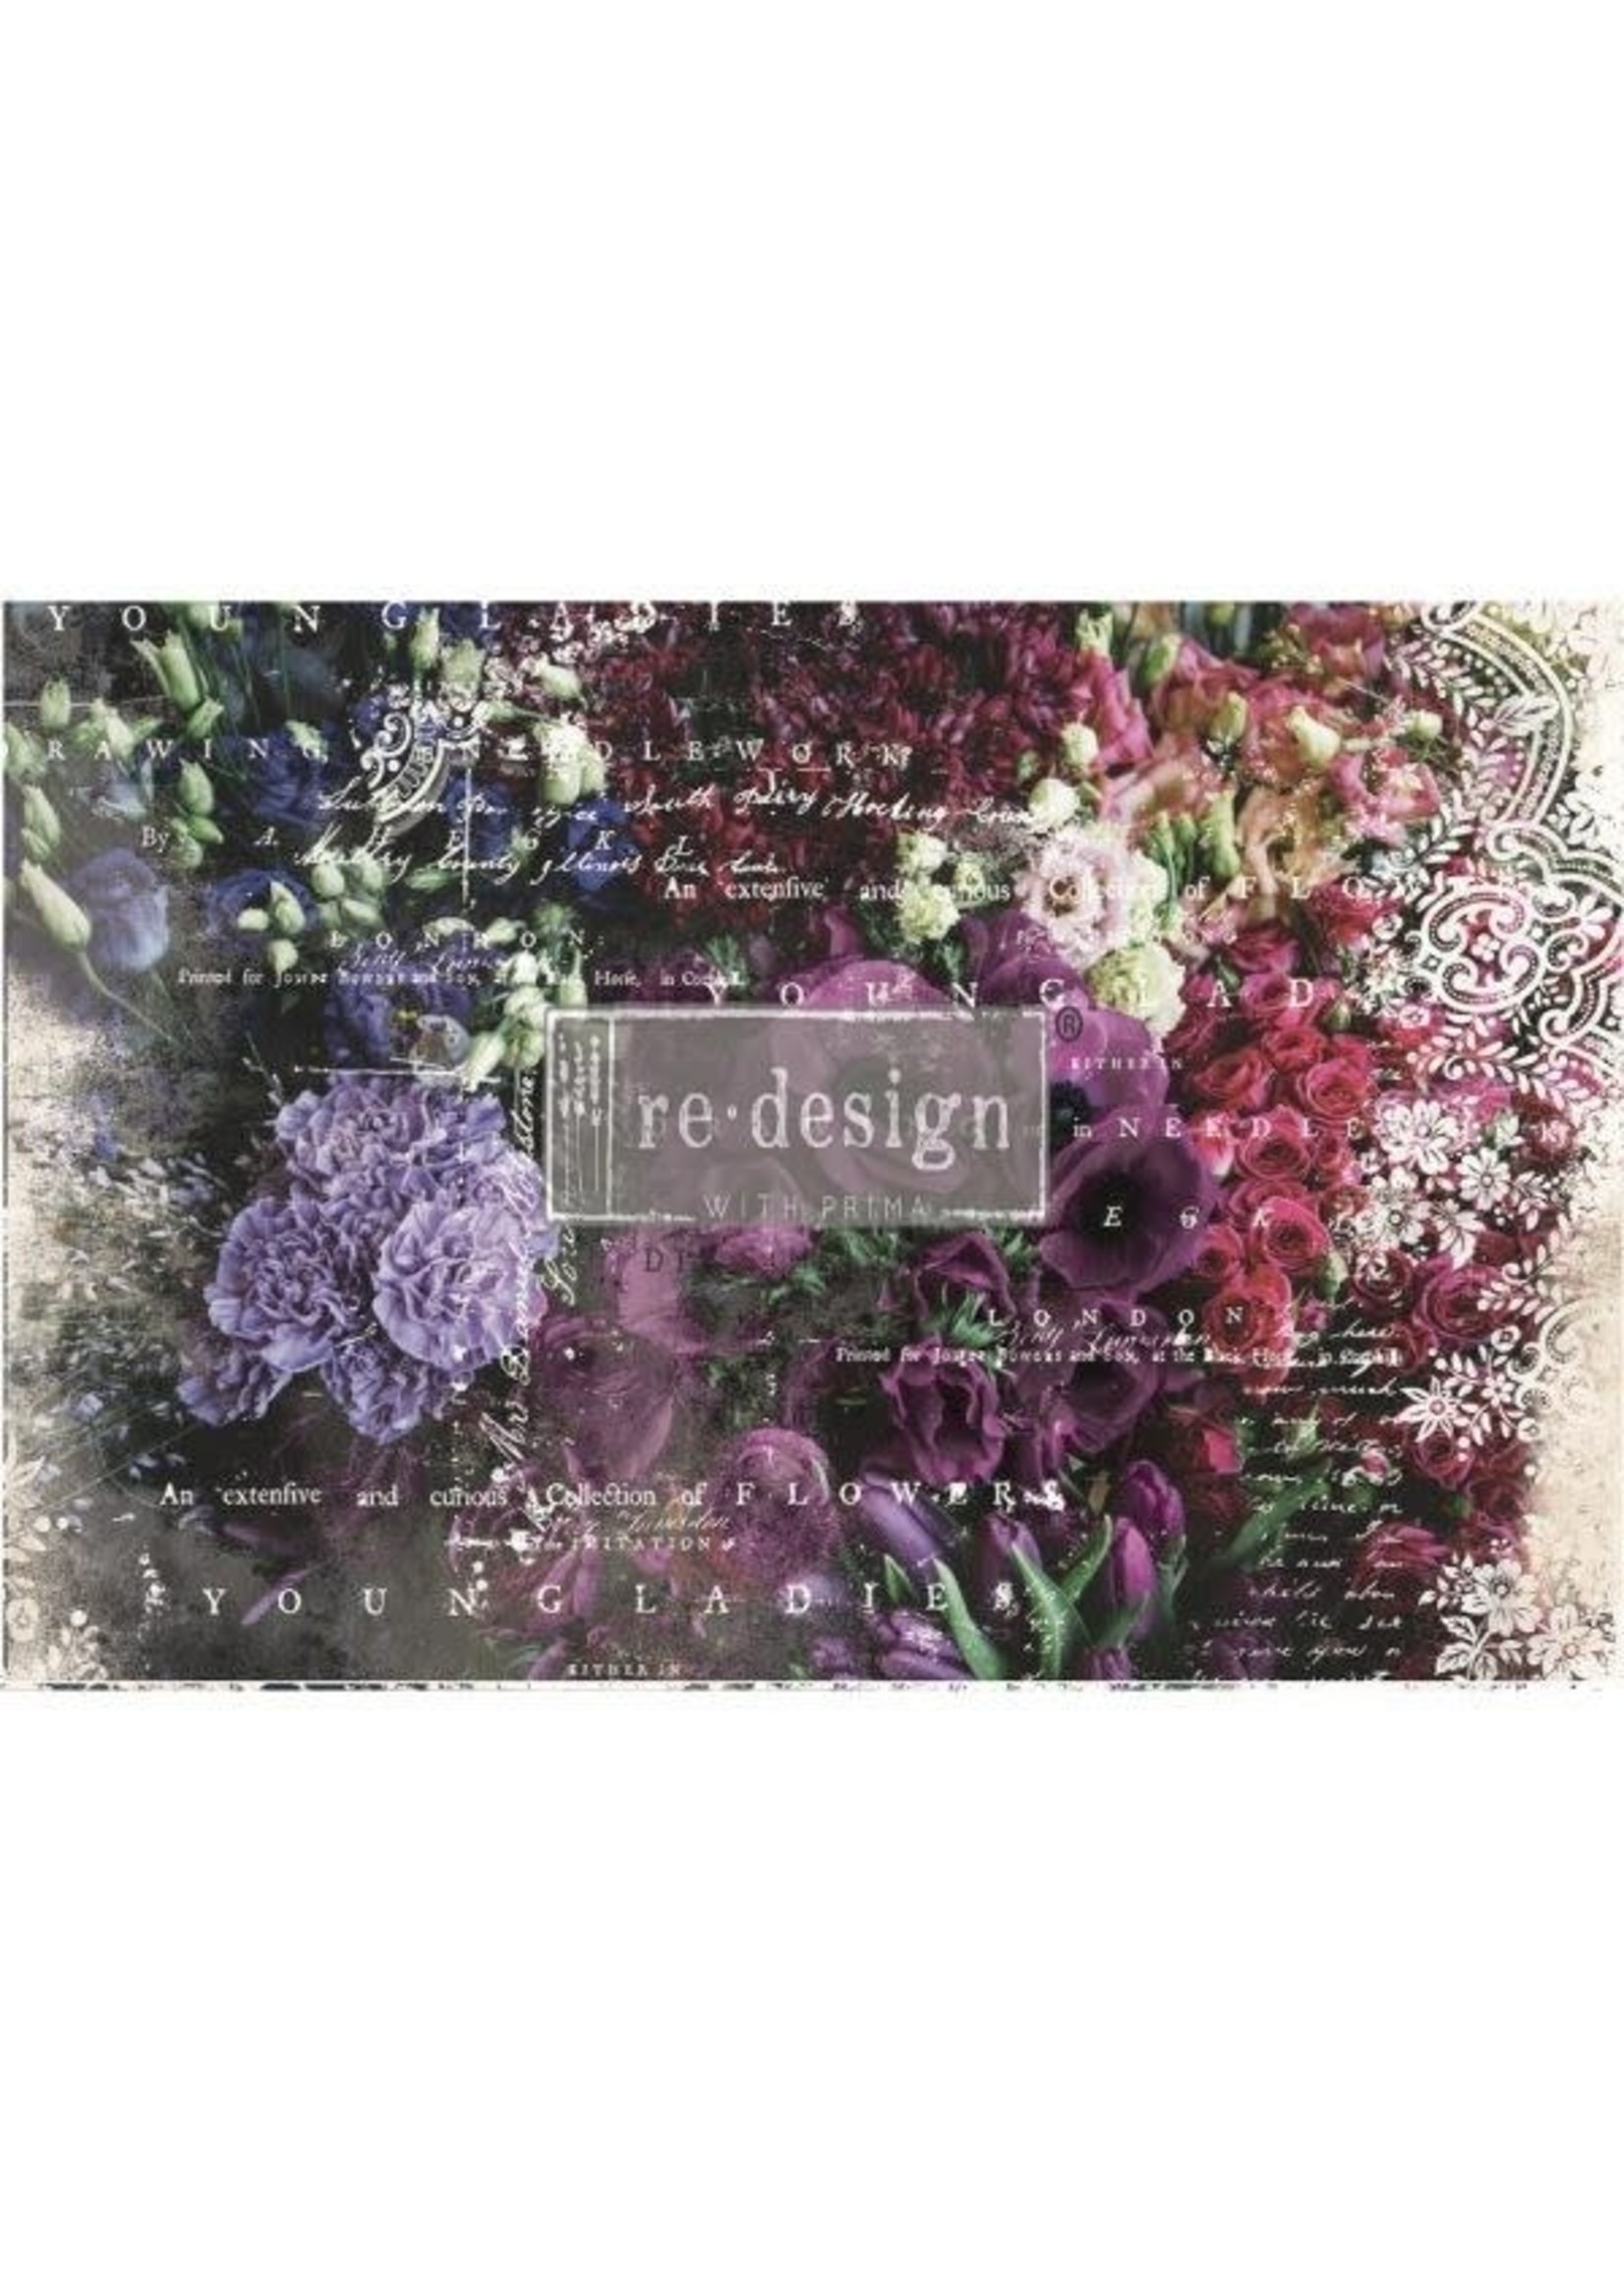 Re-Design with Prima® Giselle Re·Design with Prima® Decoupage Tissue Paper